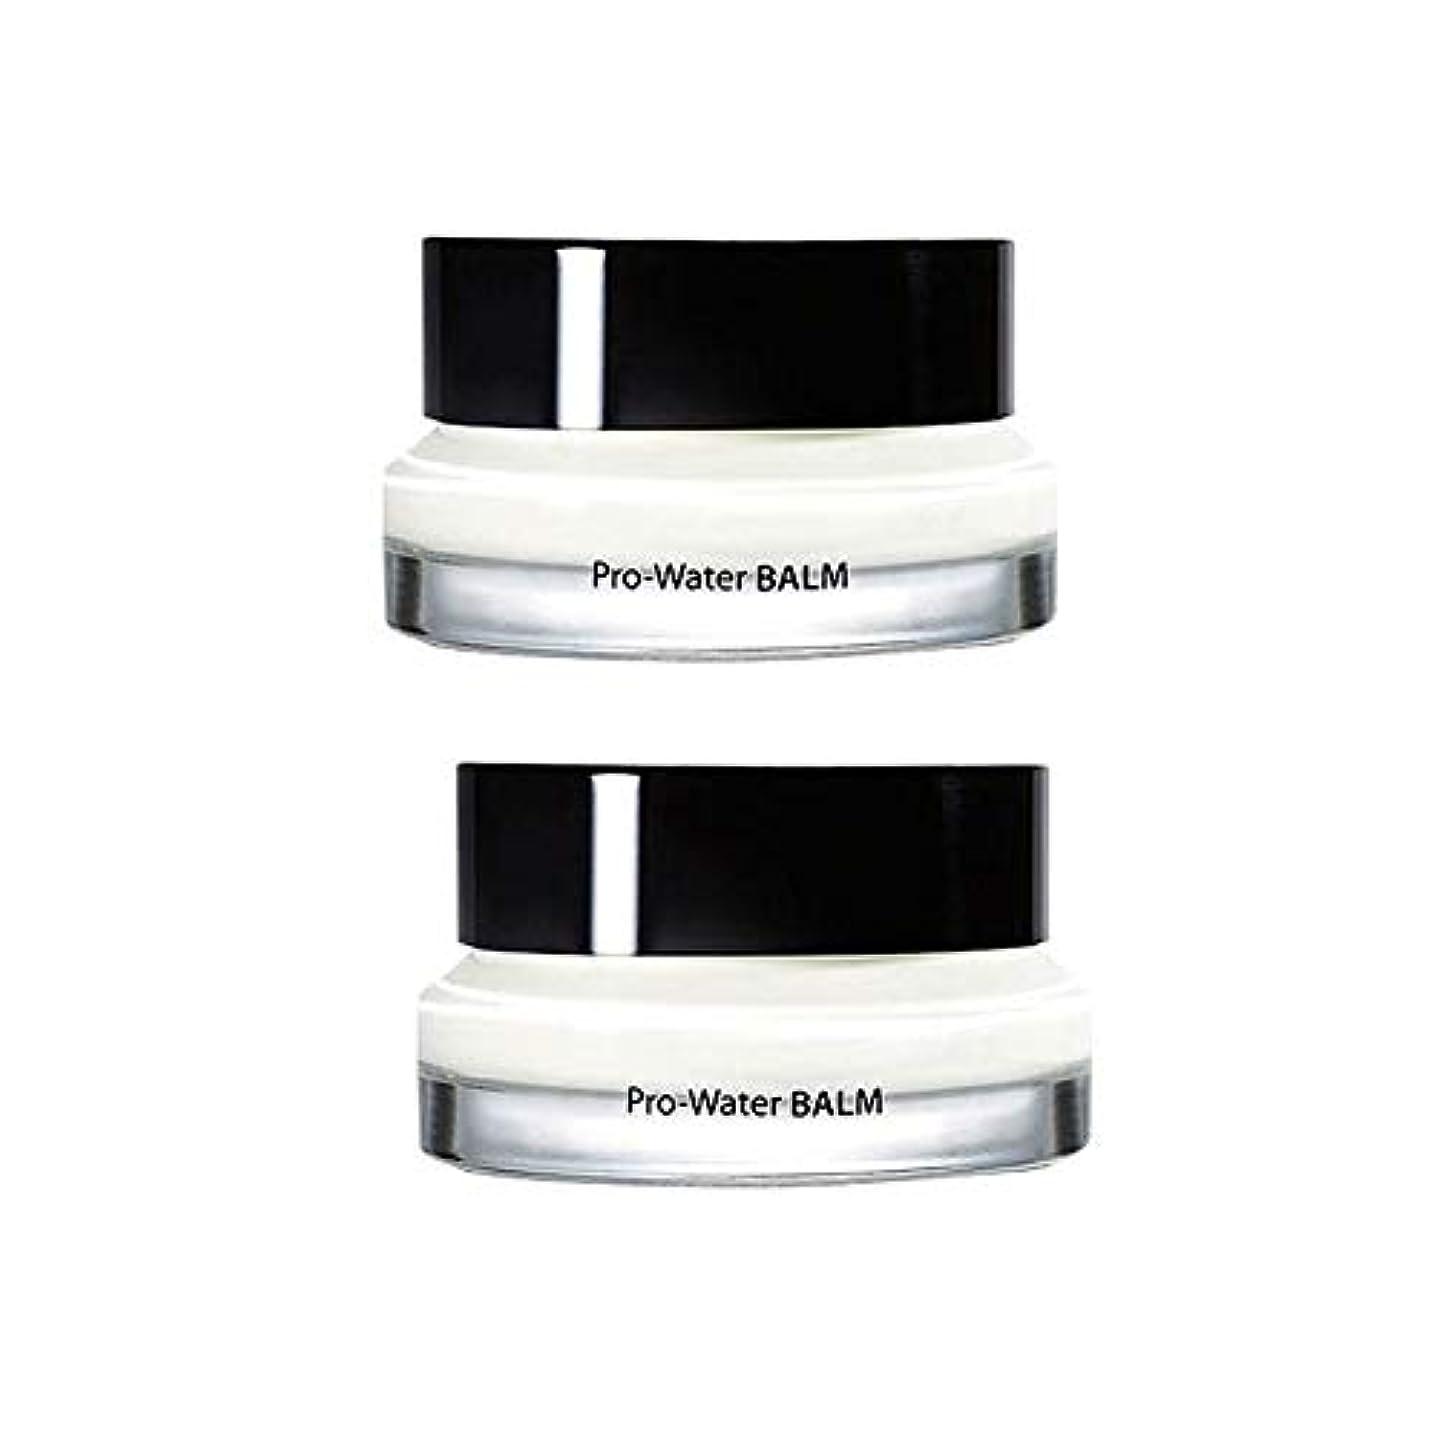 キネマティクス人工的な襟ルナプロウォーターbalm 50mlx2本セット韓国コスメ、Luna Pro-Water Balm 50ml x 2ea Set Korean Cosmetics [並行輸入品]